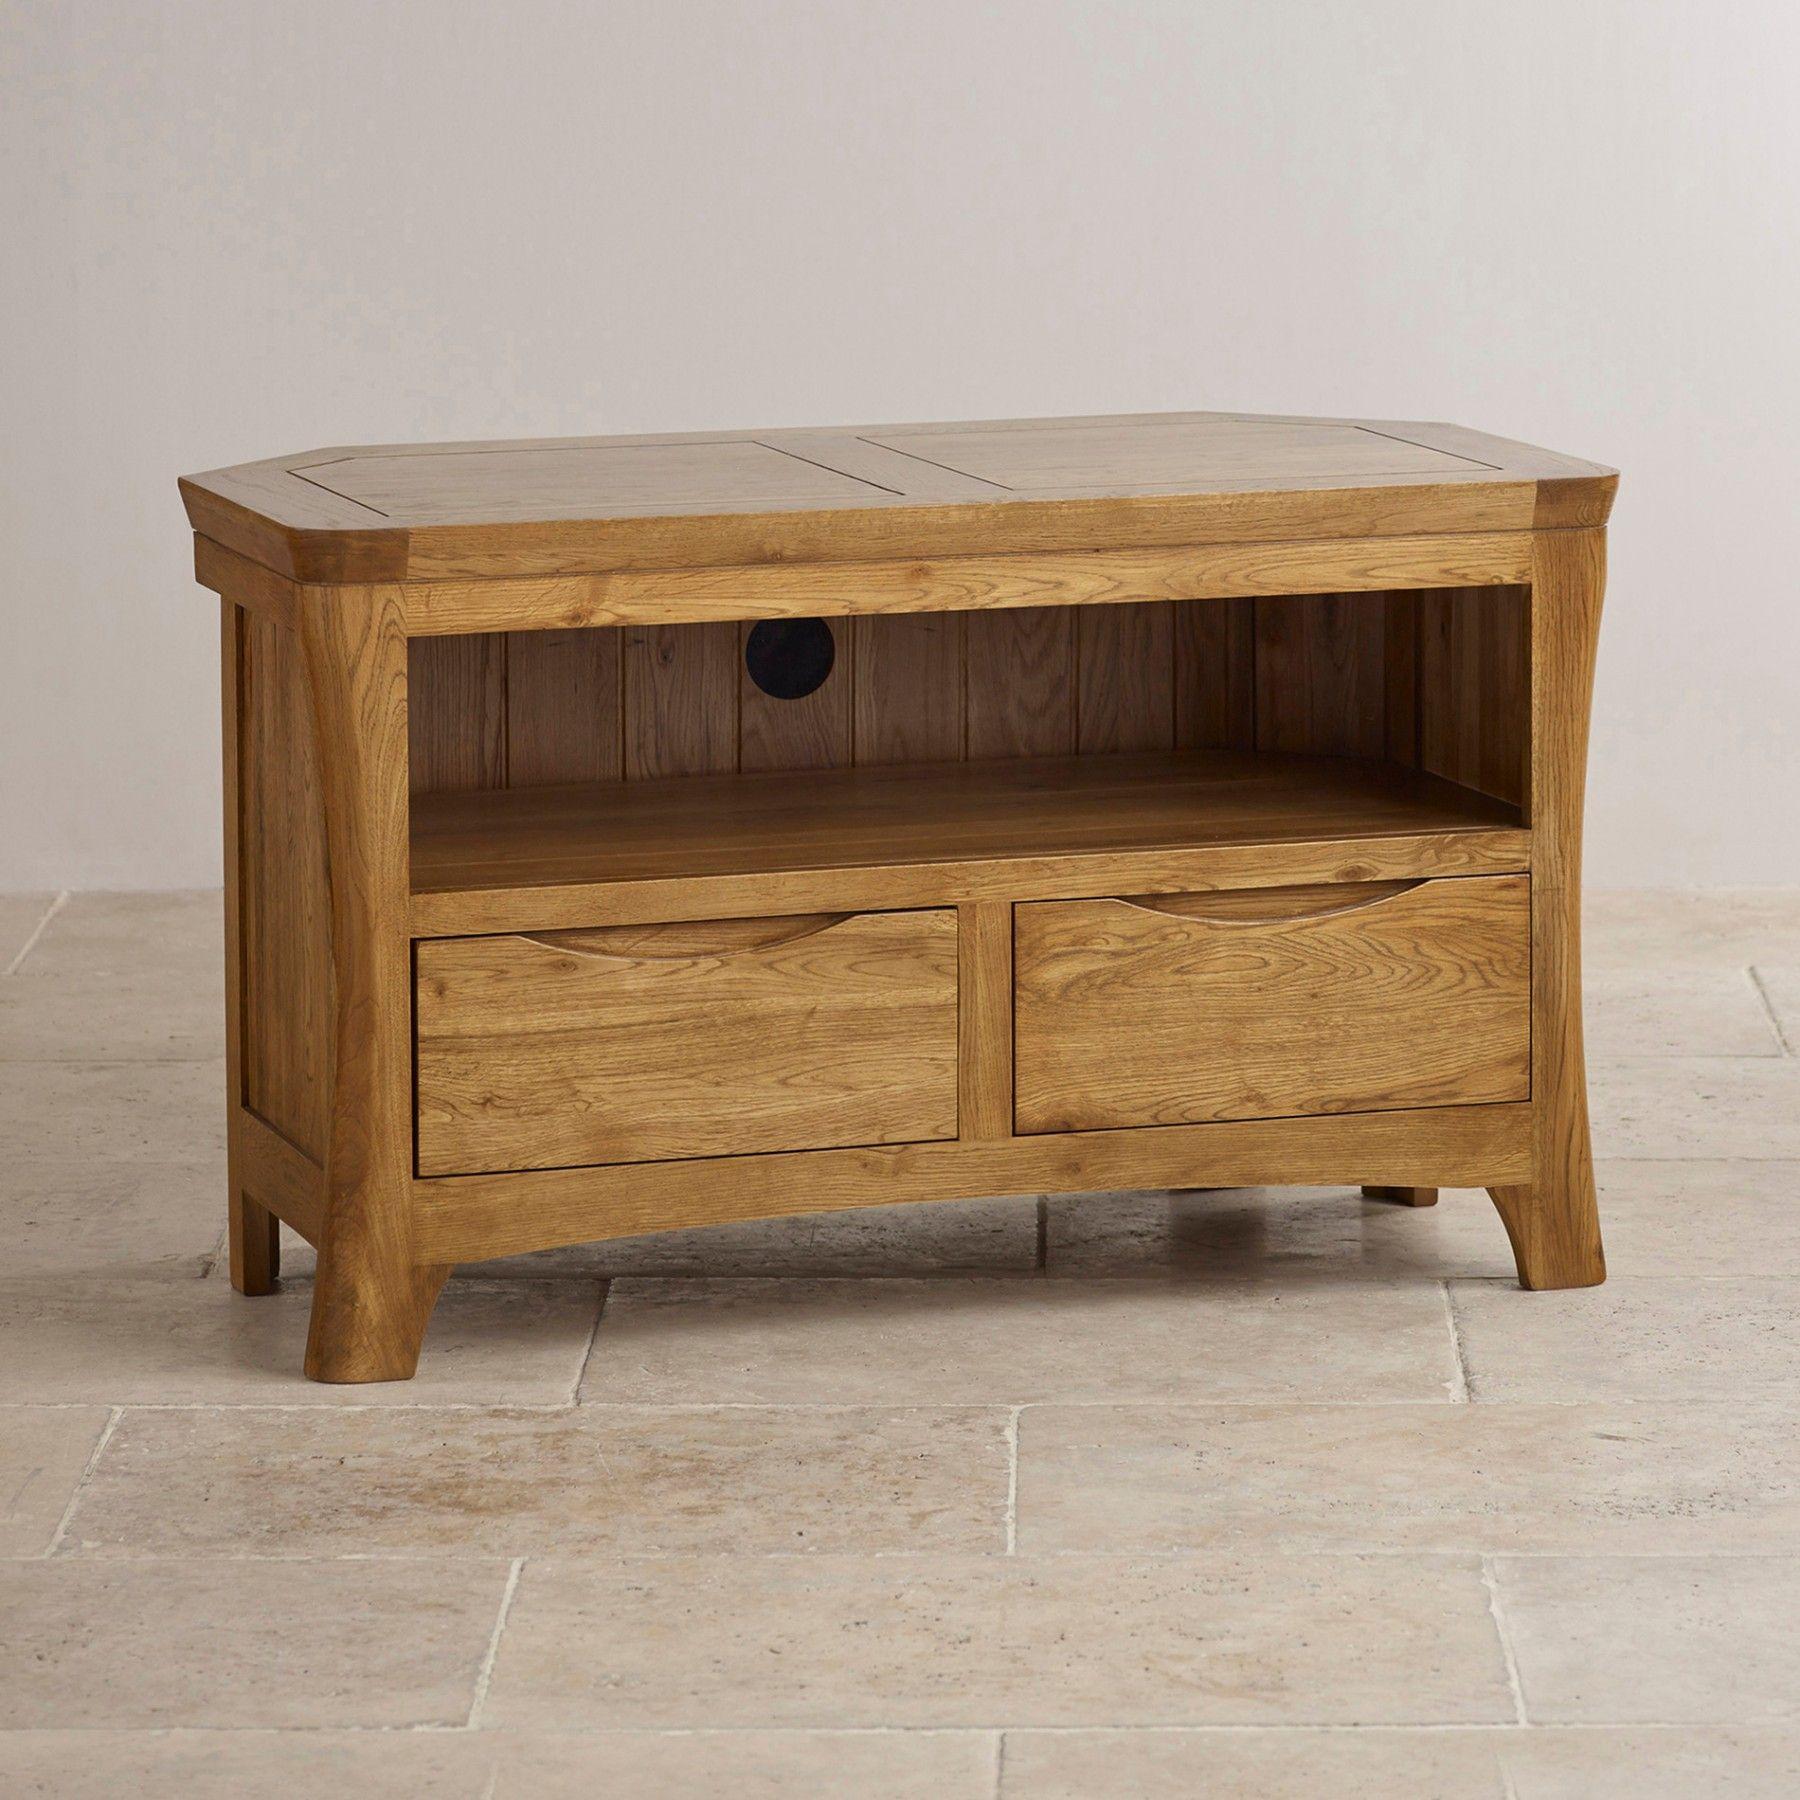 Orrick Rustic Solid Oak Corner Tv Stand Rustic Oak Furniture Oak Furniture Wood Tv Unit